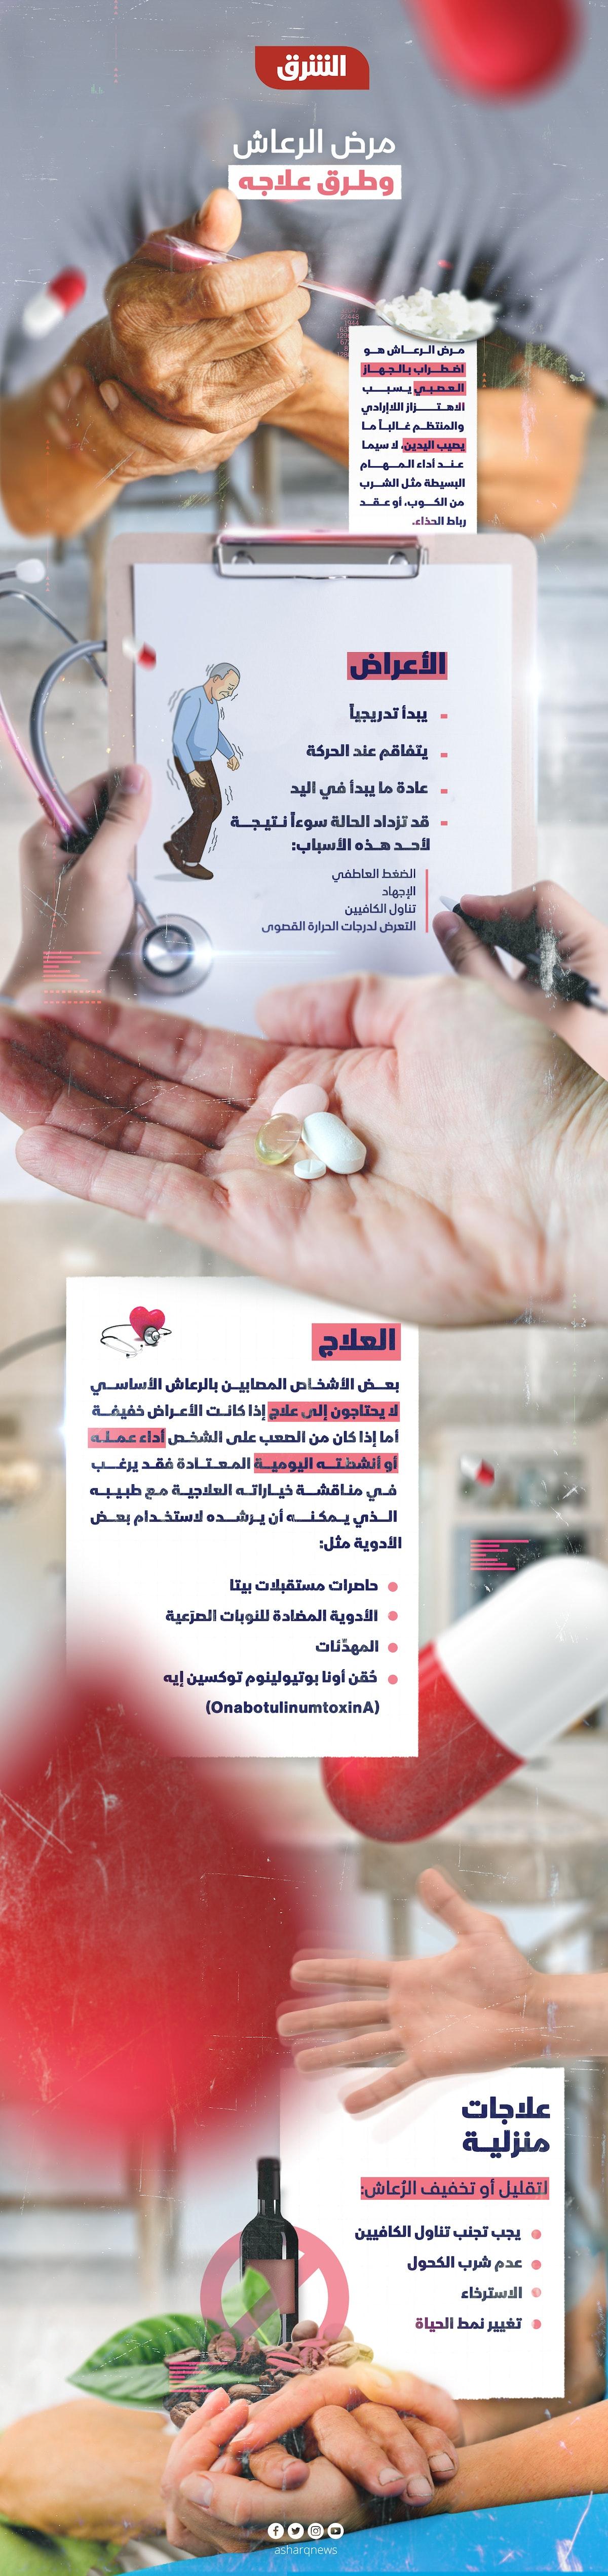 معلومات عن مرض الشلل الرعاش - الشرق